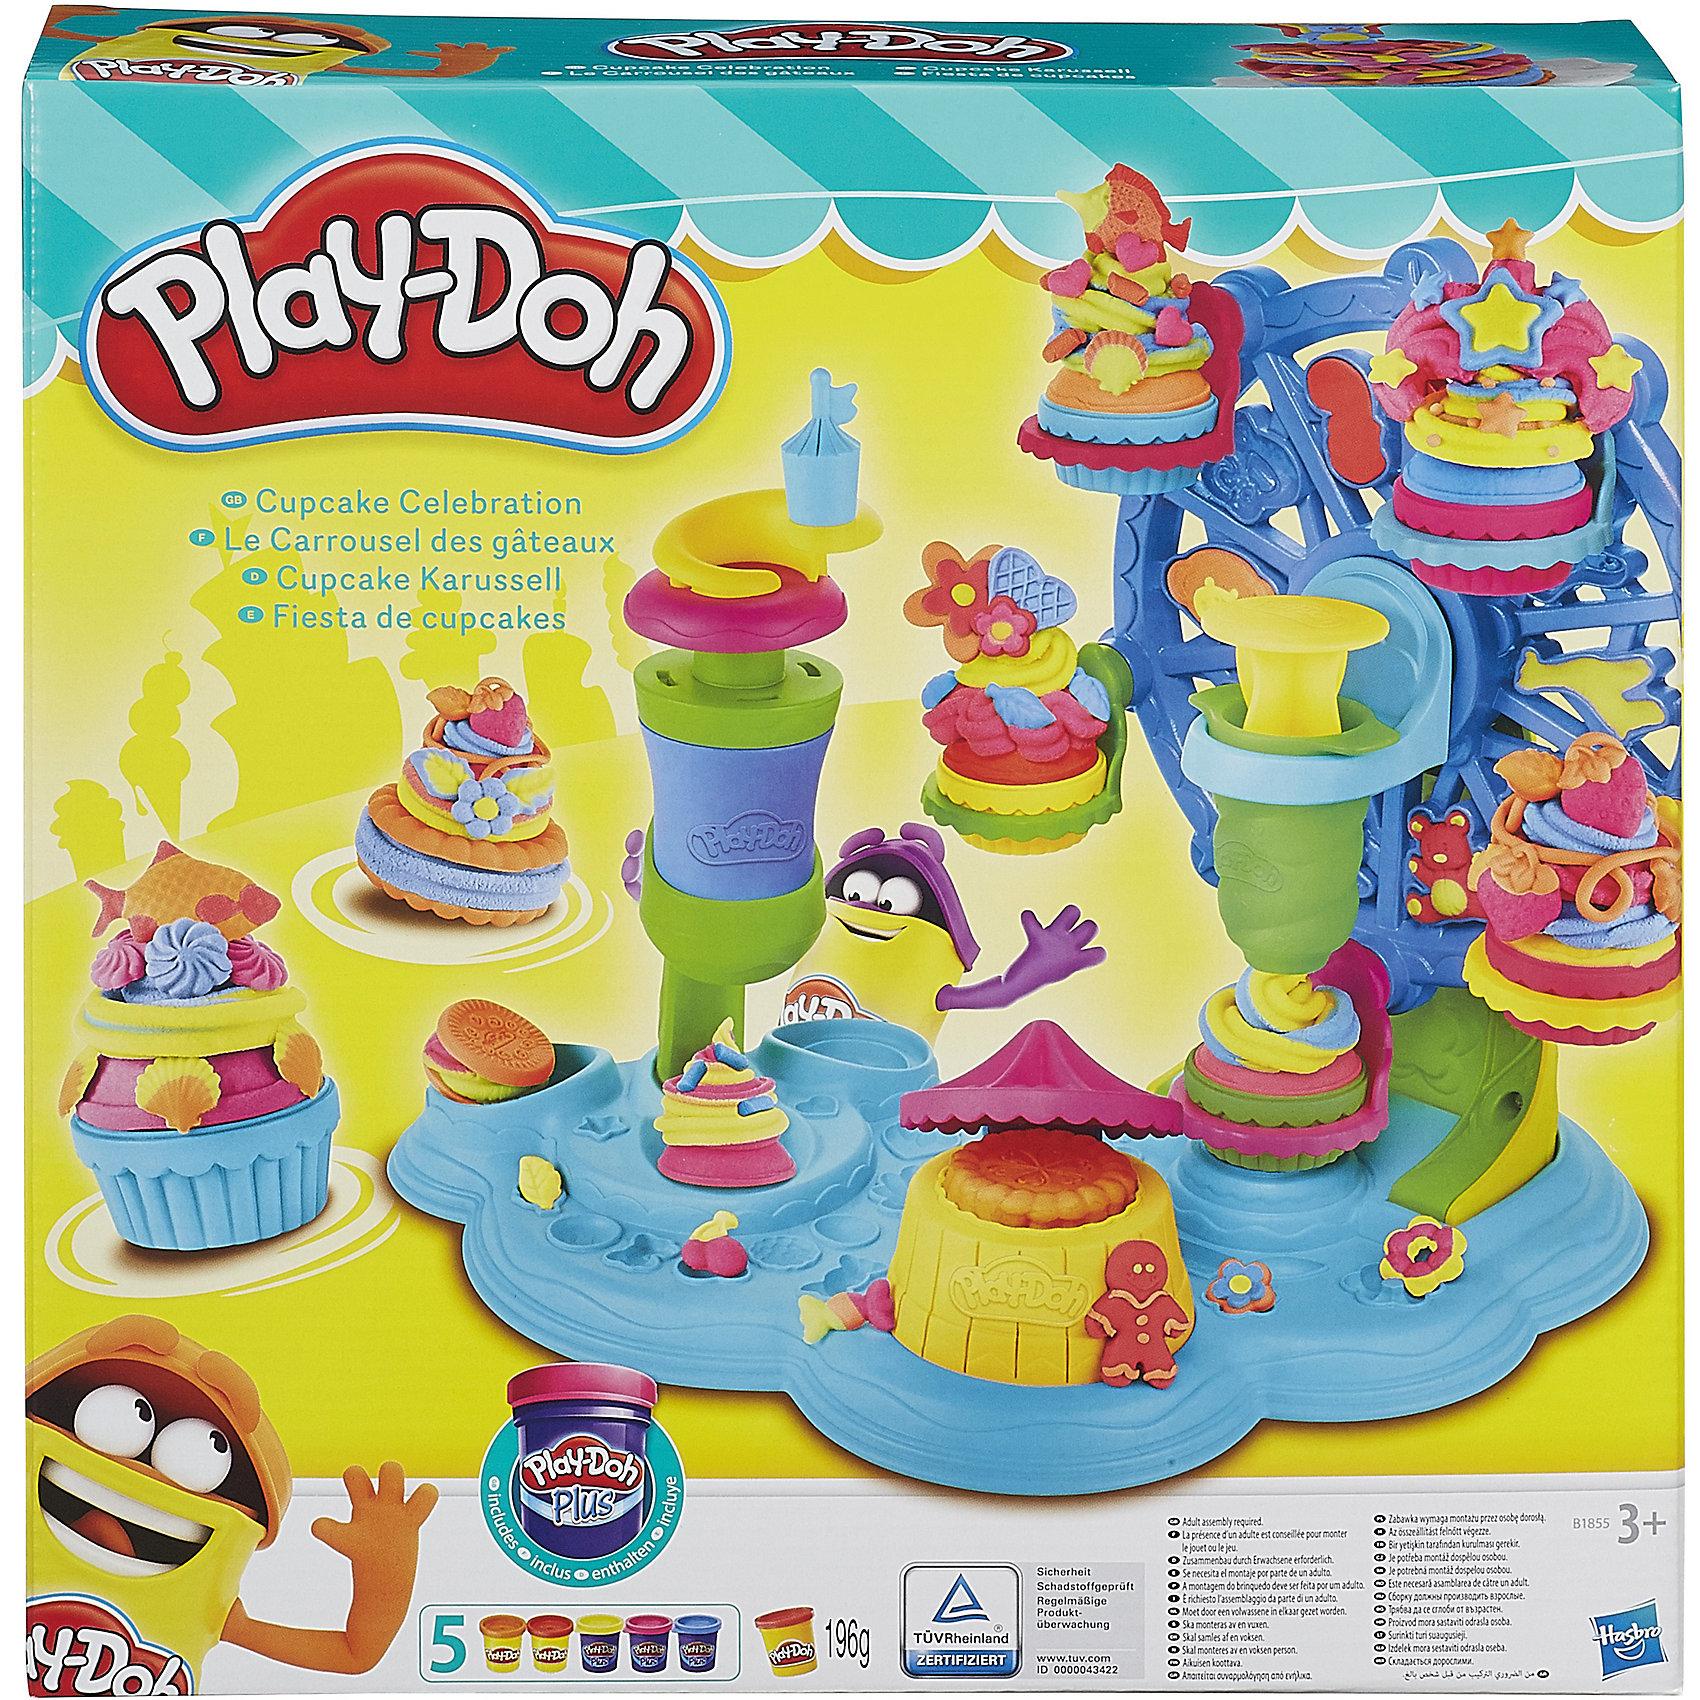 Hasbro Набор Карусель сладостей, Play-Doh hasbro play doh b5517 игровой набор из 4 баночек в ассортименте обновлённый